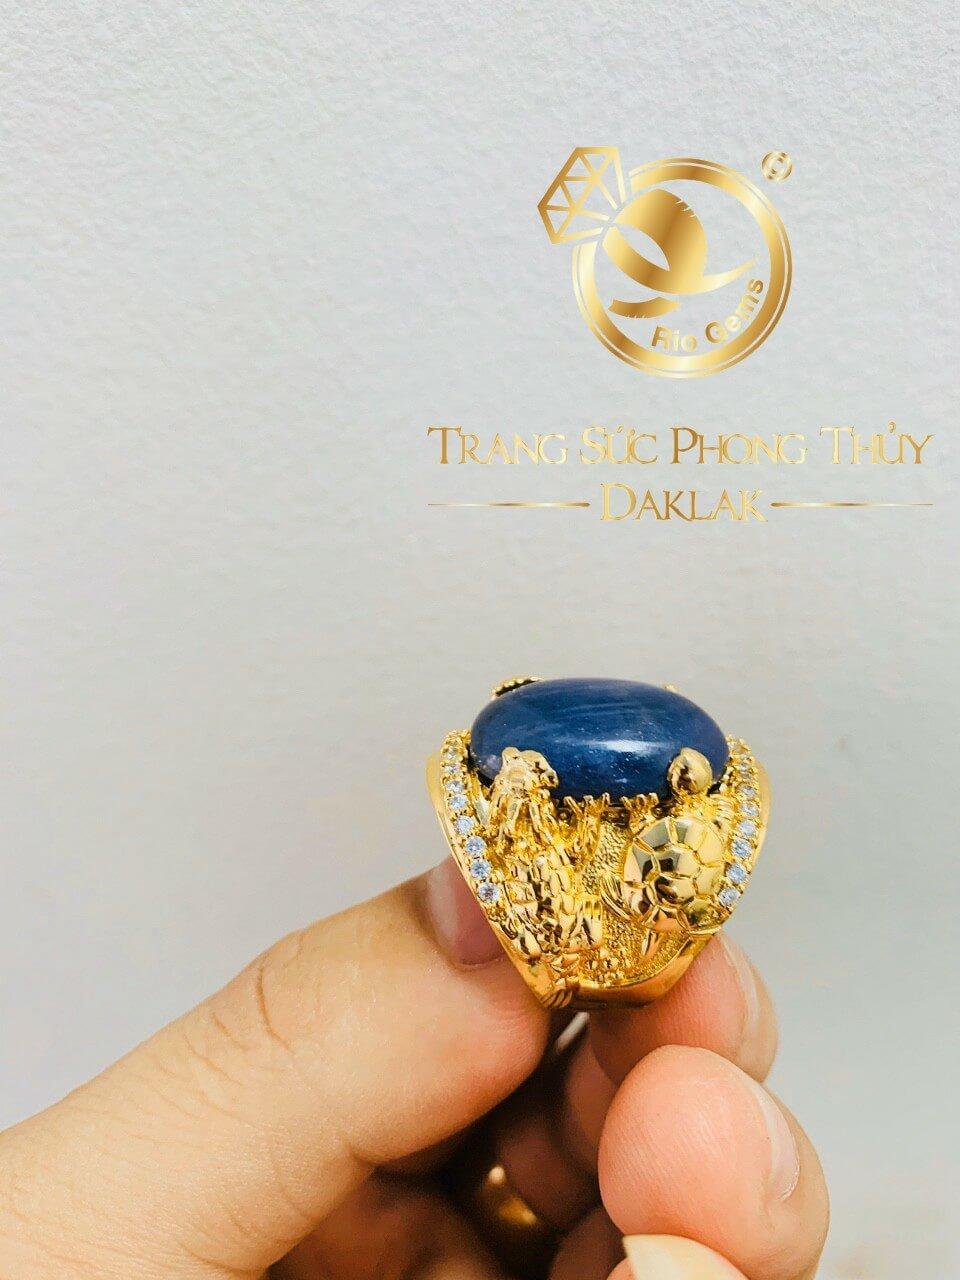 nhan long lan quy phung vang 18k dinh da sapphire xanh den tai loc